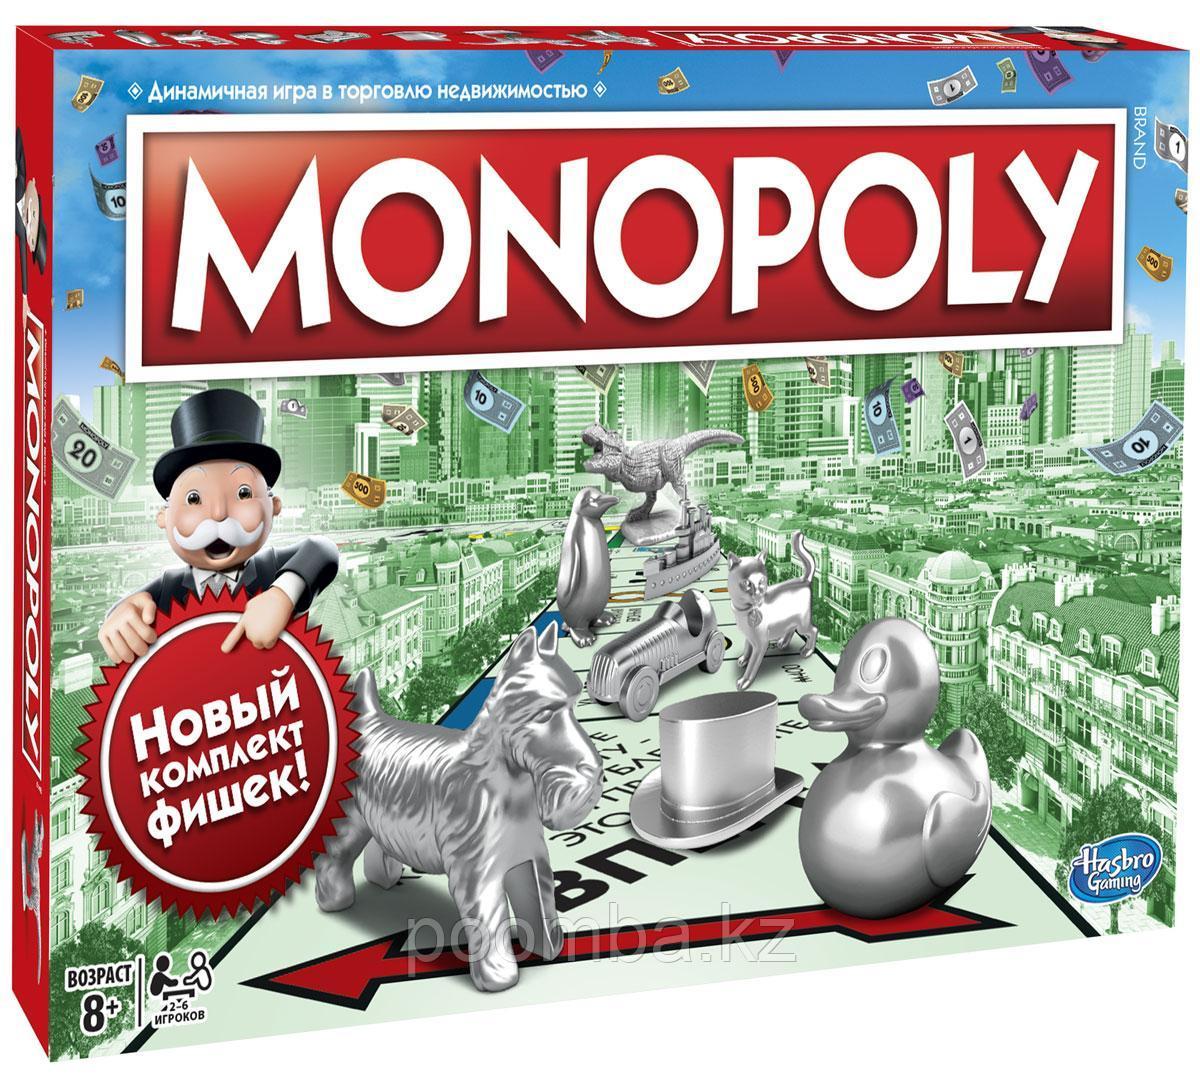 PriceGuard Monopoly Настольная игра Классическая монополия, размер игрового поля - 505 х 505, мм